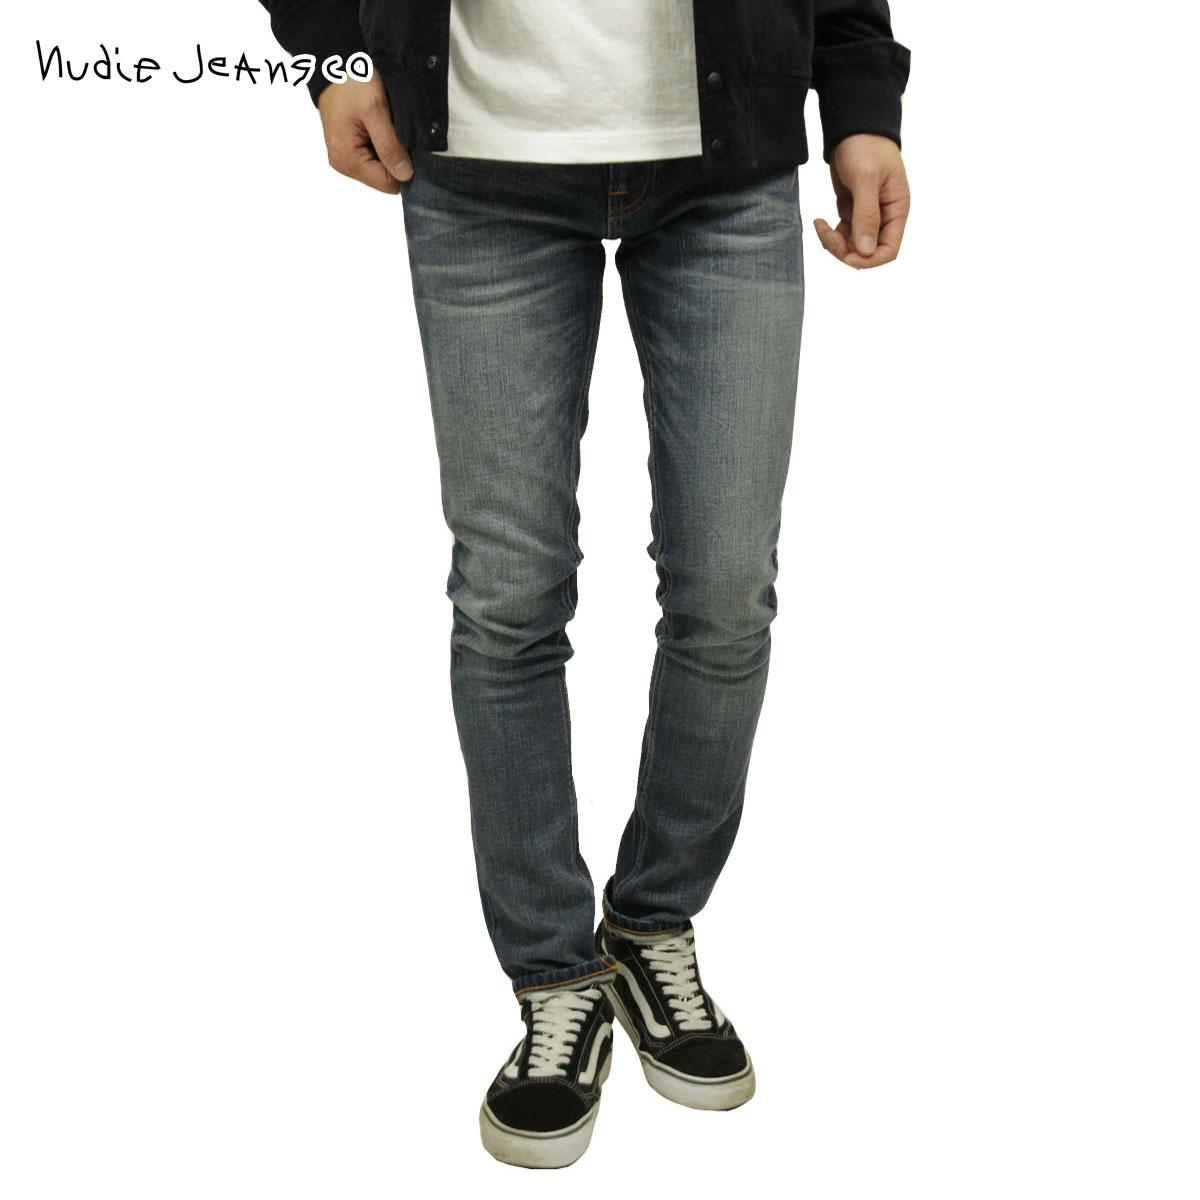 ヌーディージーンズ ジーンズ メンズ 正規販売店 Nudie Jeans リーンディーン ジーパン LEAN DEAN DENIM JEANS LOST LEGEND 844 1125820